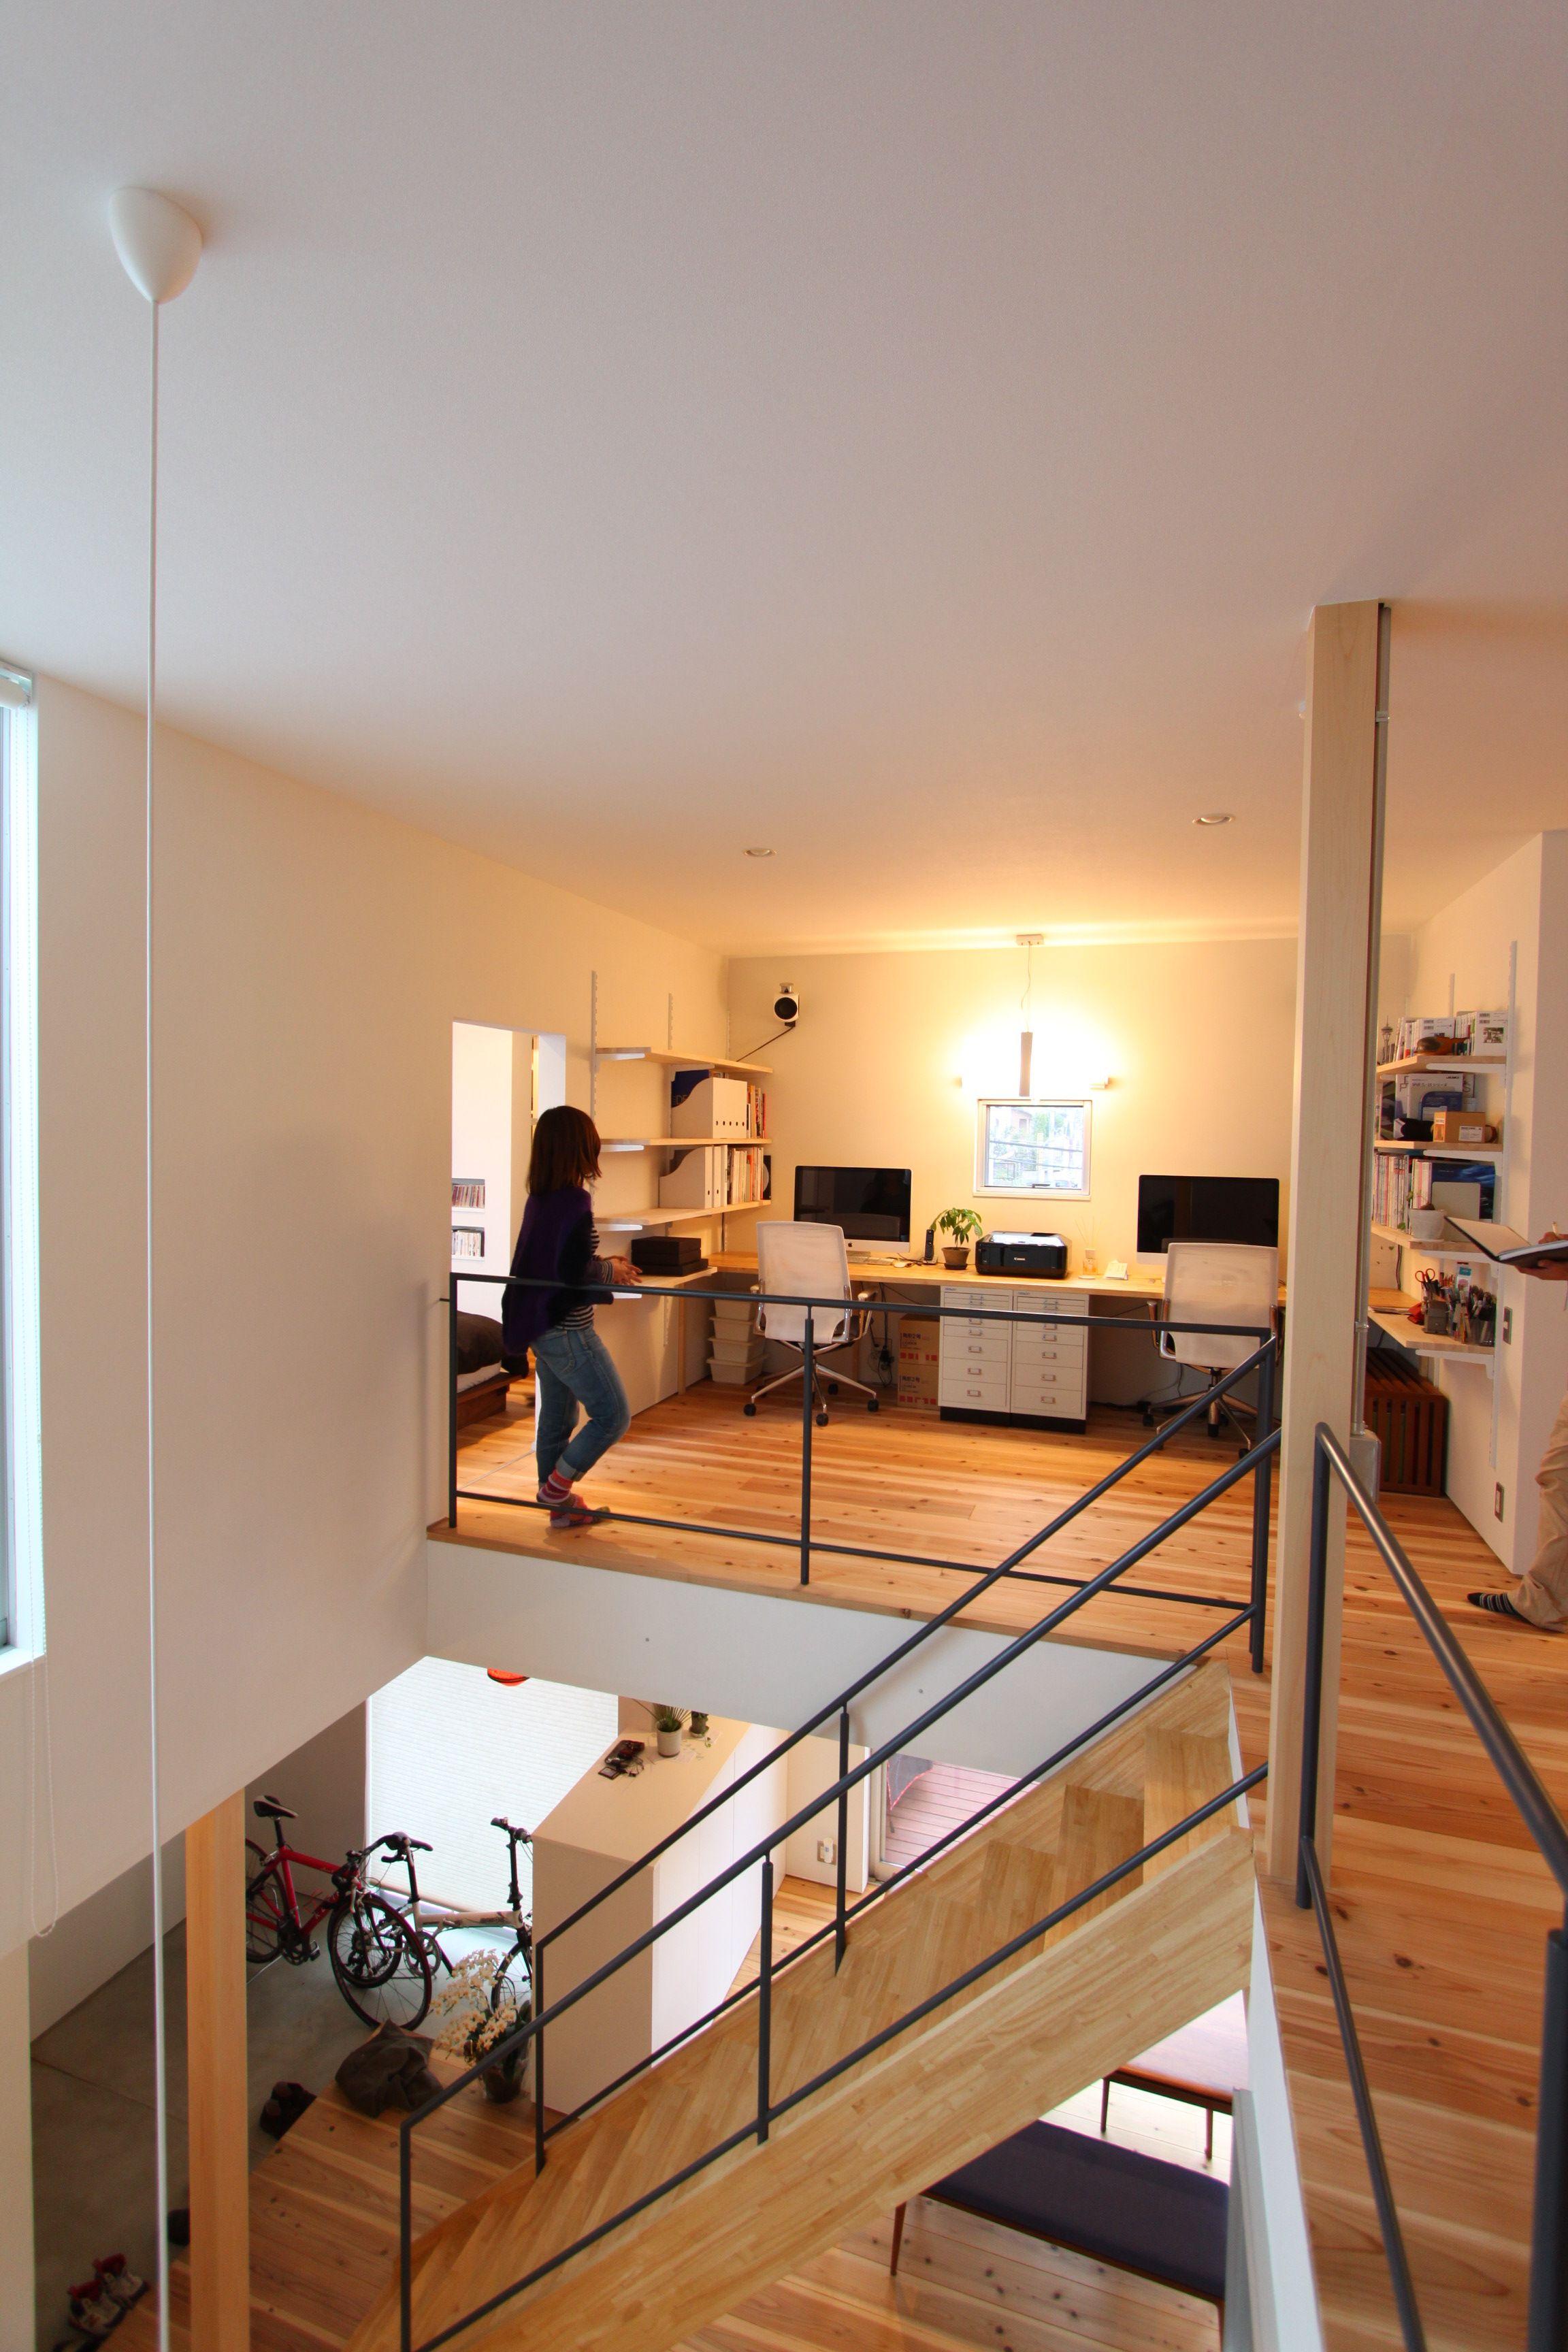 デスクや収納を配置して 開放的な書斎を実現した2階のフリースペース